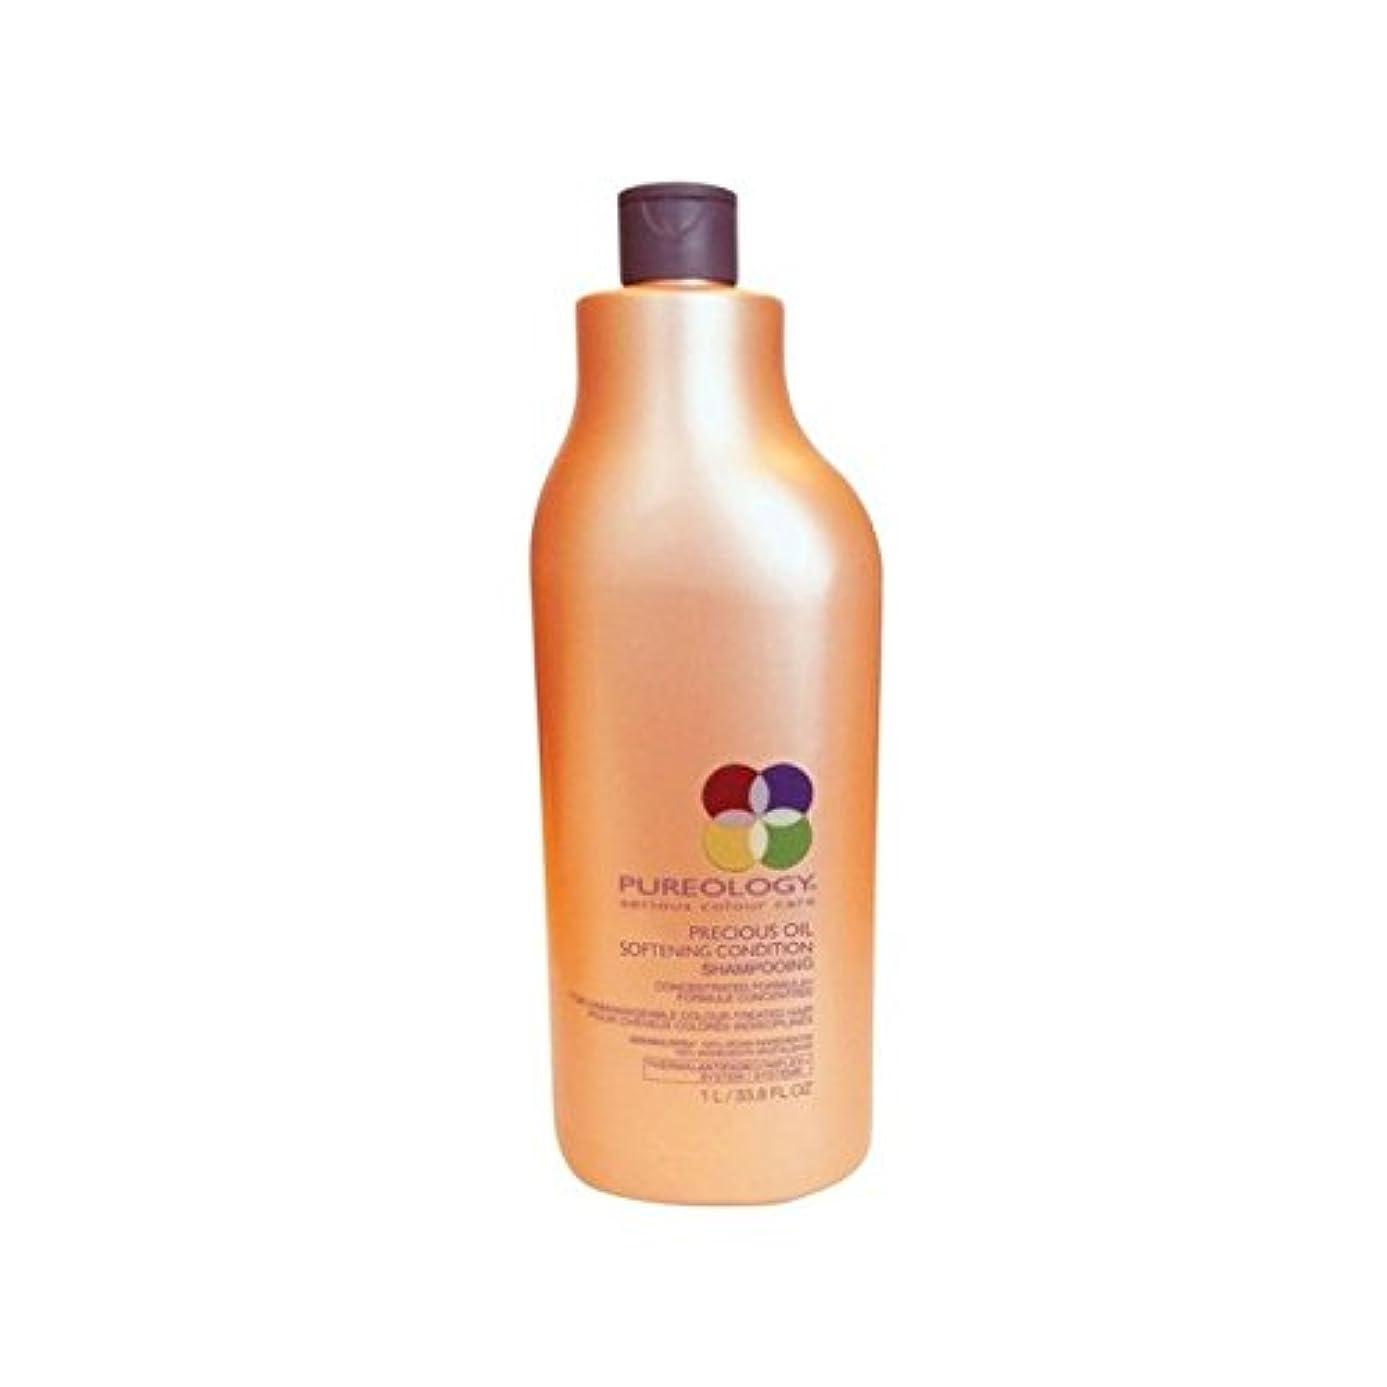 決定する役職内なる貴重なオイルコンディショナー(千ミリリットル) x2 - Pureology Precious Oil Conditioner (1000ml) (Pack of 2) [並行輸入品]